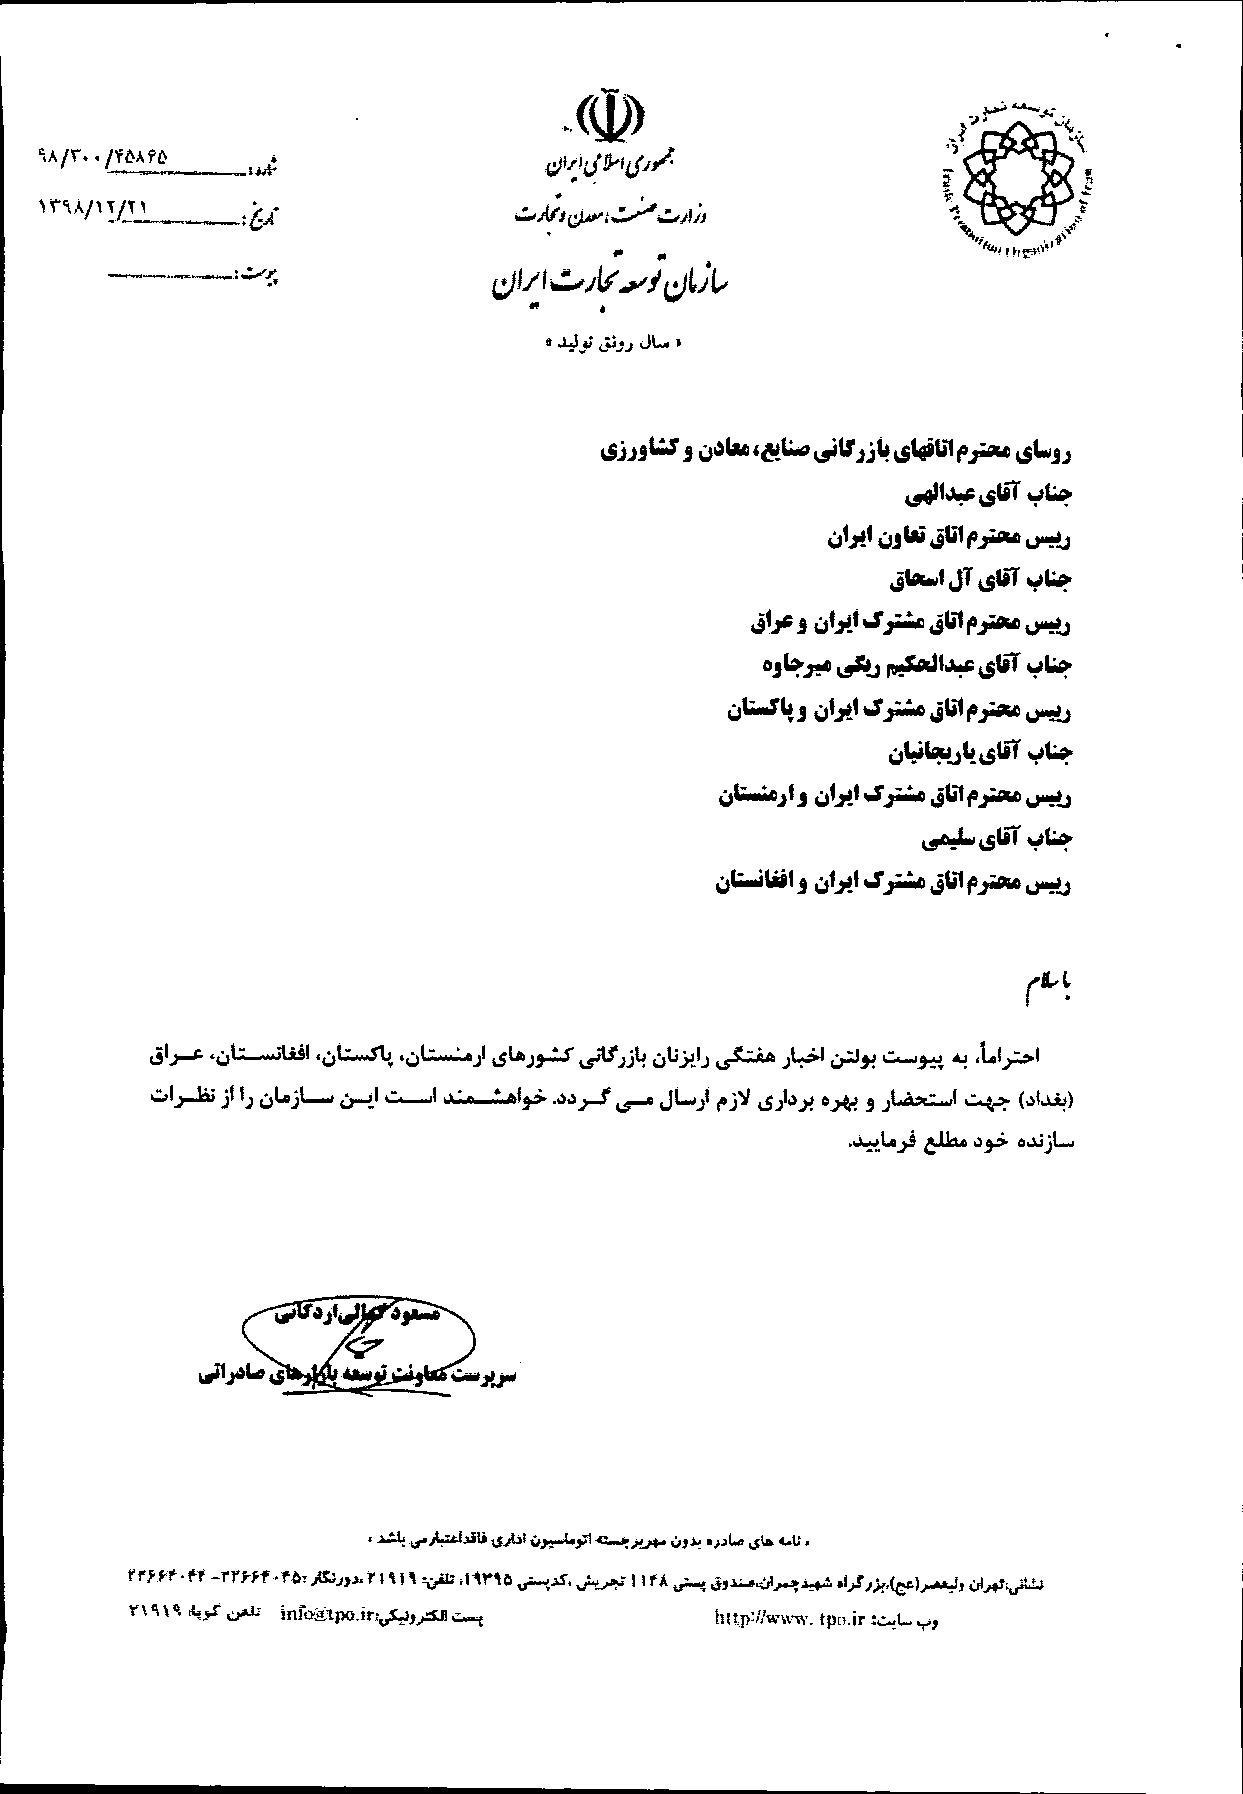 اخبار هفتگی رایزنان ارمنستان پاکستان افغانستان عراق